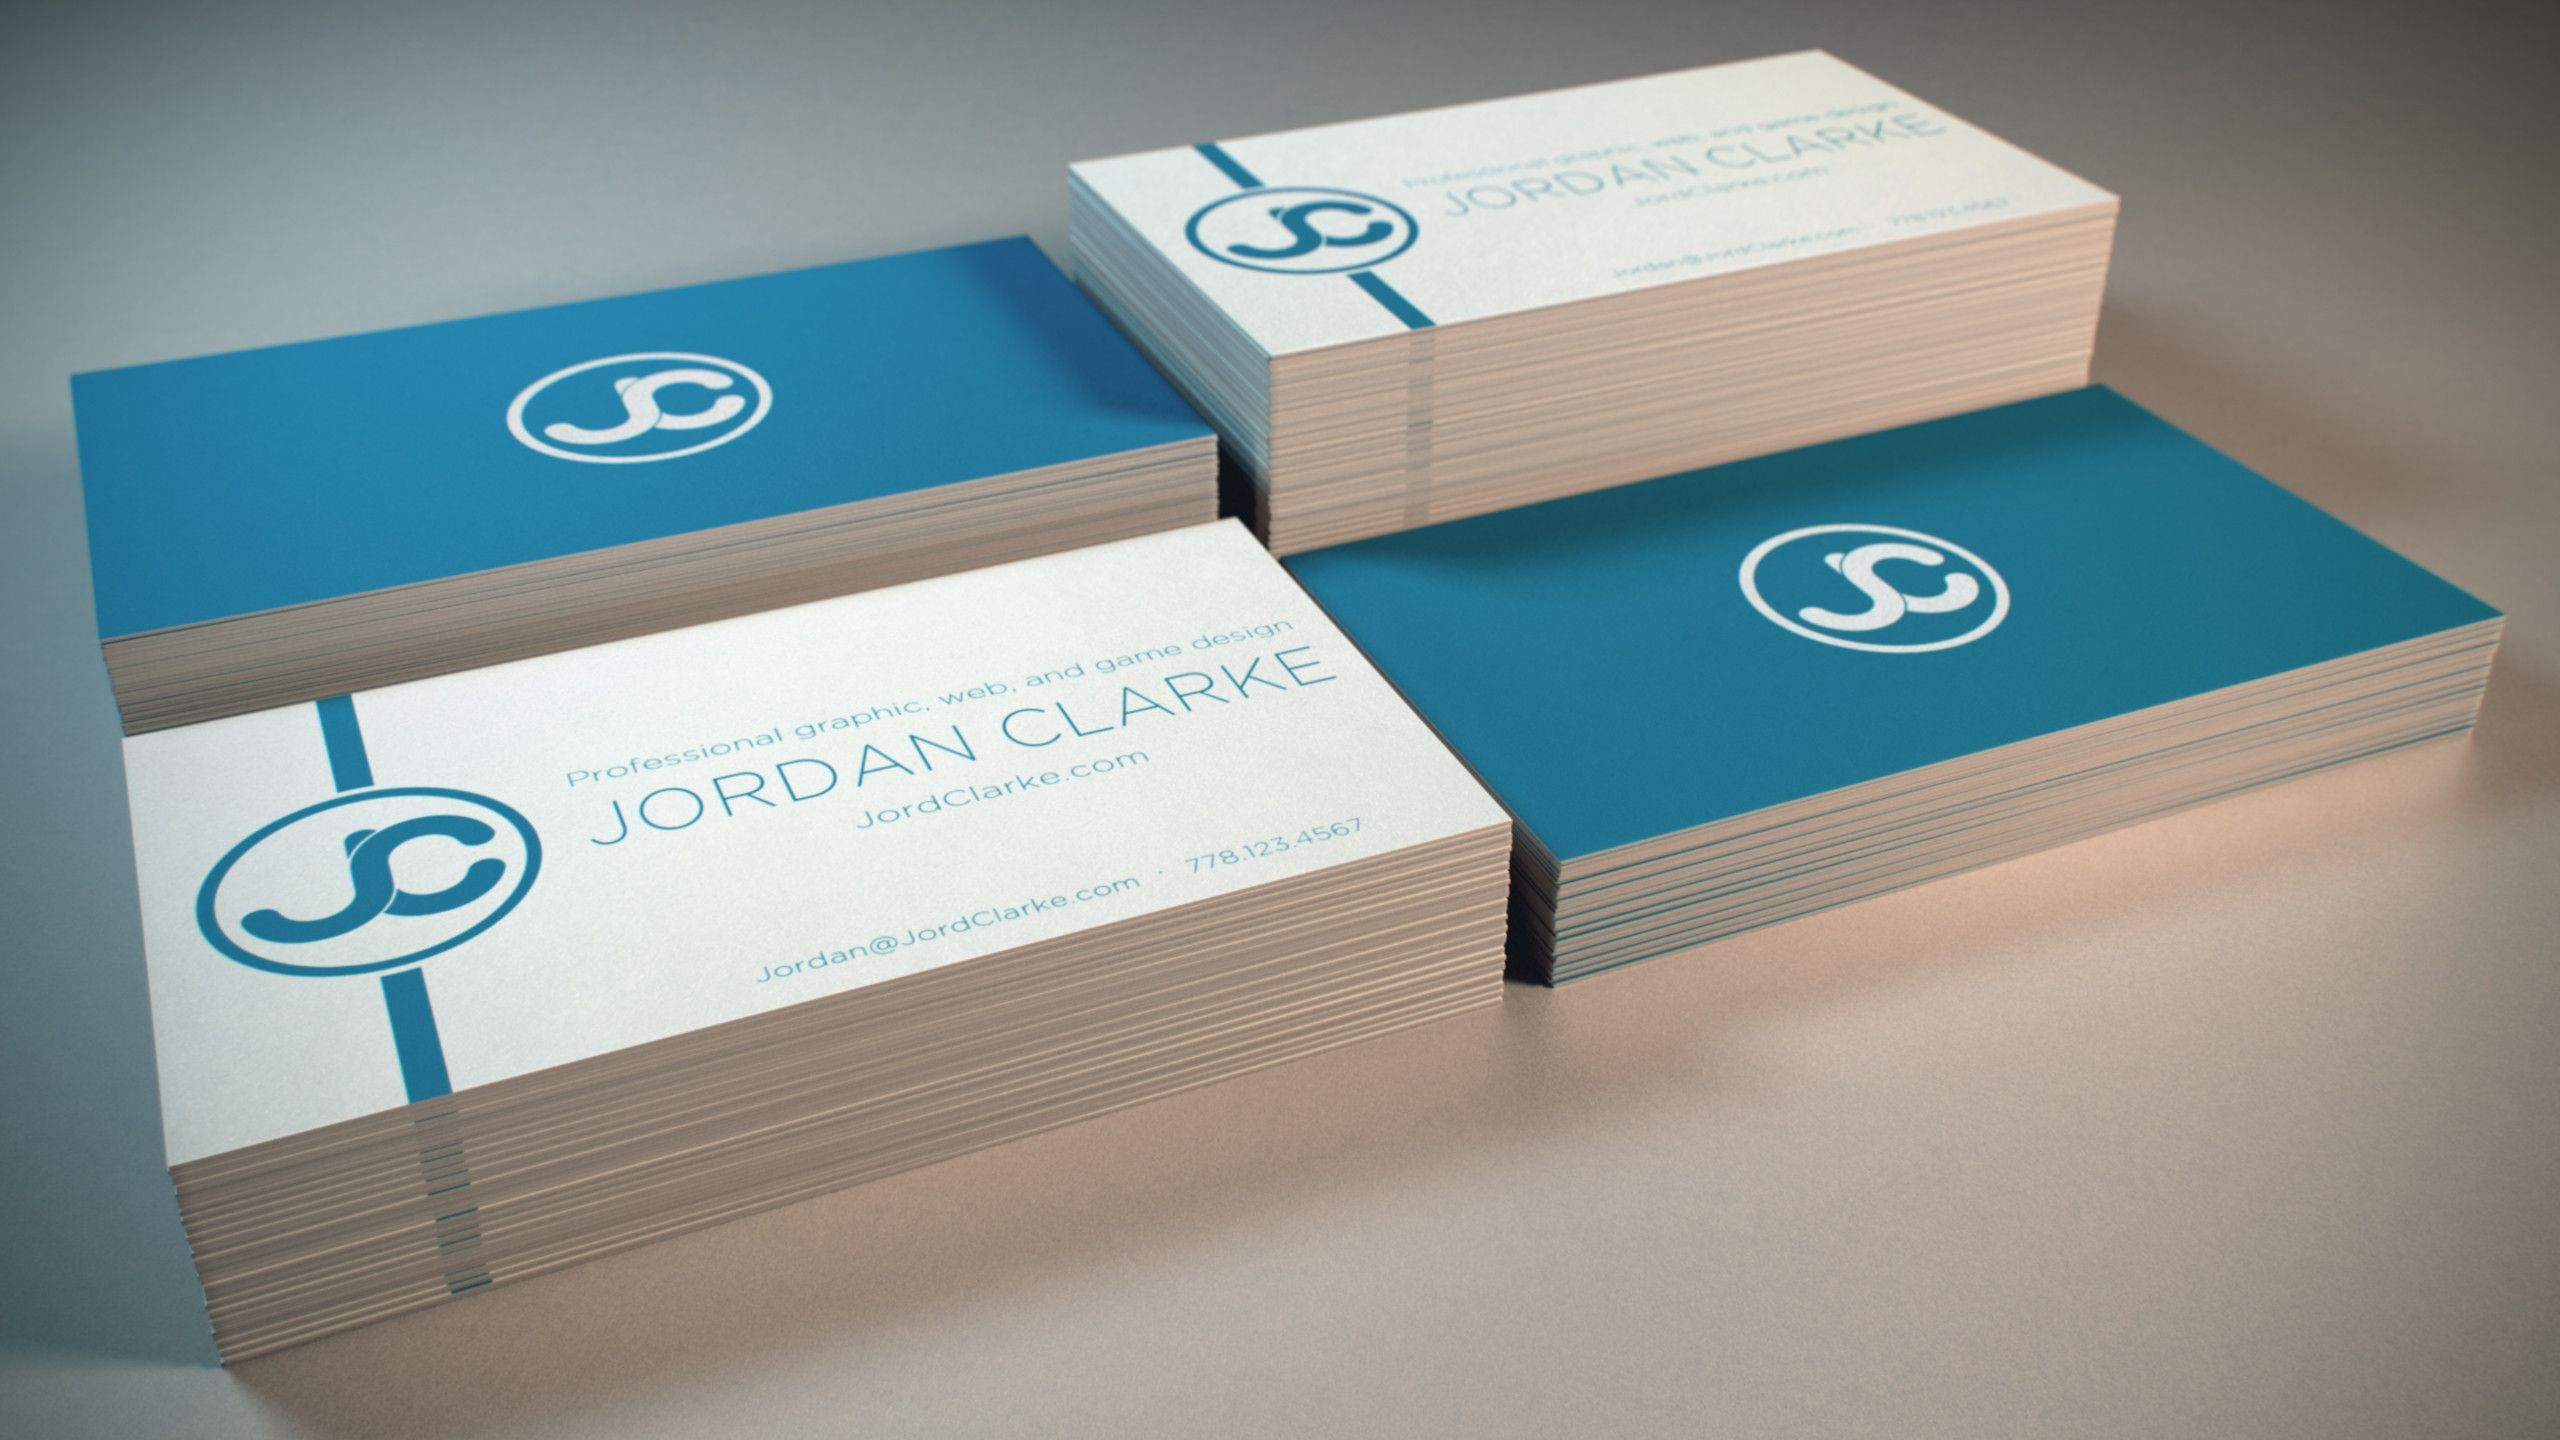 3D Business Cards Modern Free | Business Card | Pinterest